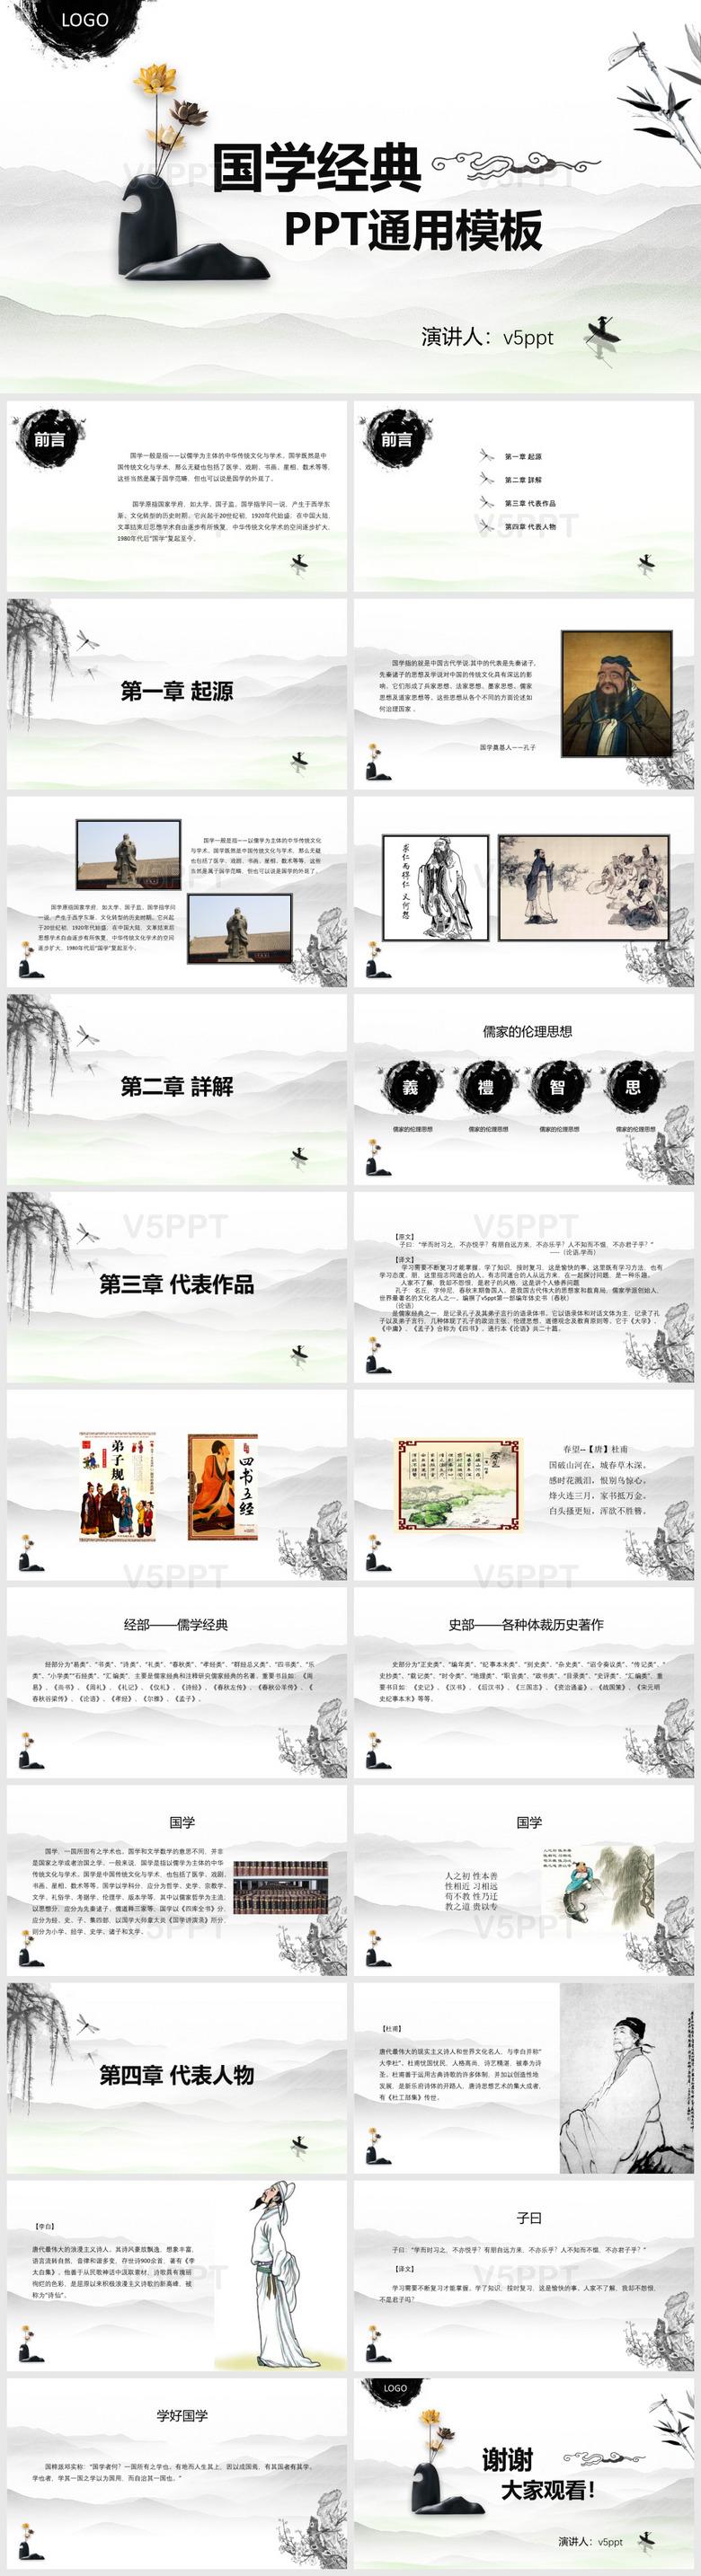 中国风国学经典PPT模板